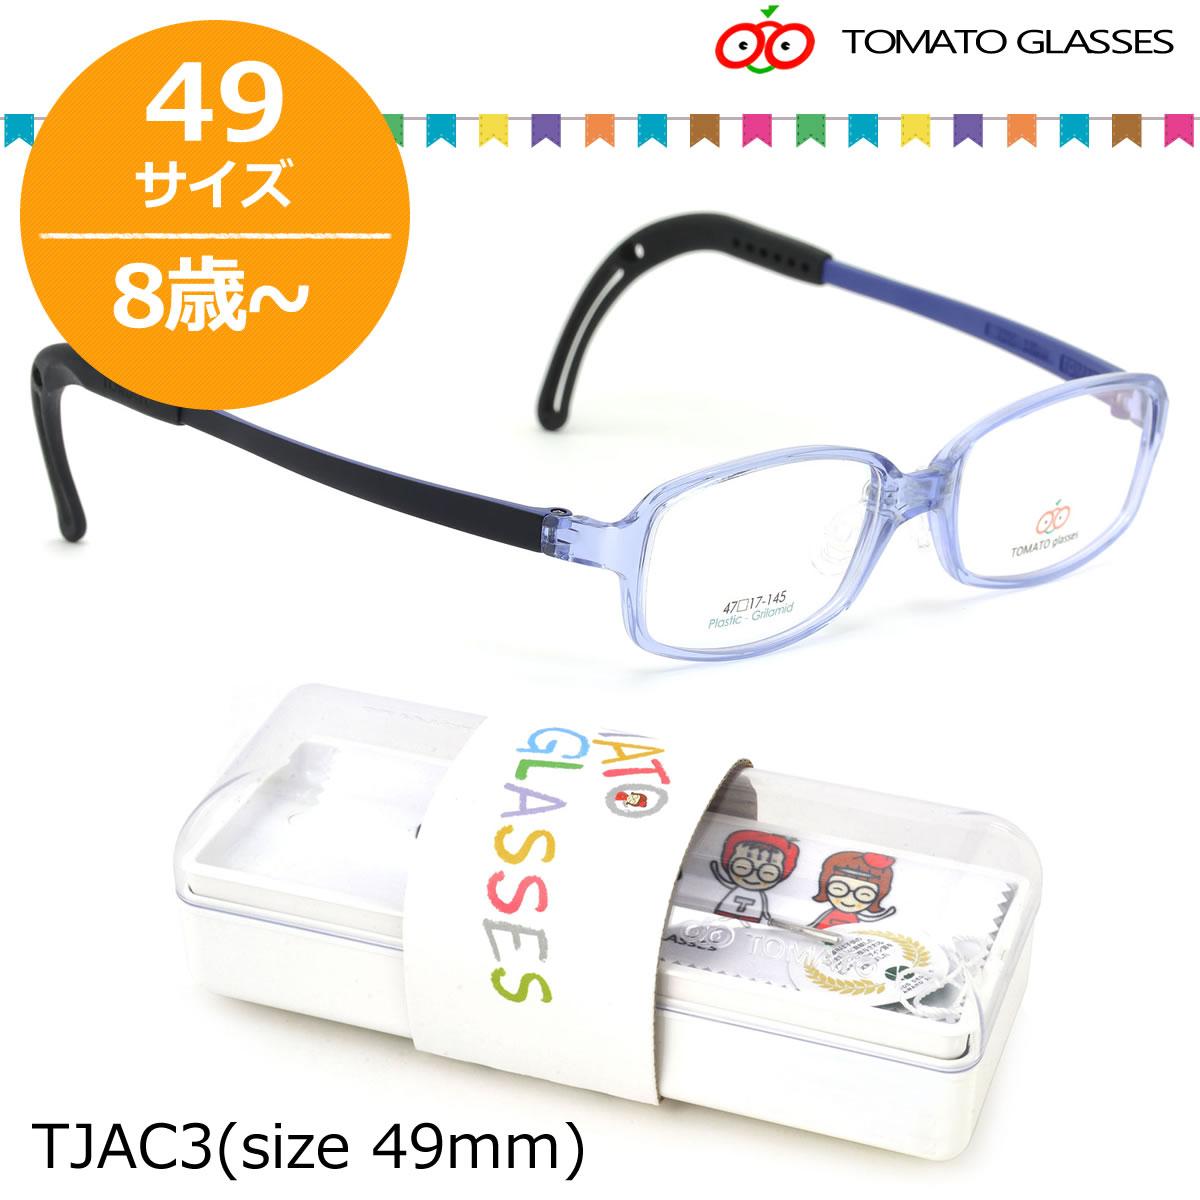 ほぼ全品ポイント15倍~最大34倍+2倍! 【TOMATO GLASSES】(トマトグラッシーズ) キッズ用メガネ 度数付きレンズセット メガネ フレーム TJAC 3 49サイズ オシャレ おしゃれ おすすめ 可愛い 安全 安心 ジュニアA 軽量 柔らかい 8歳~